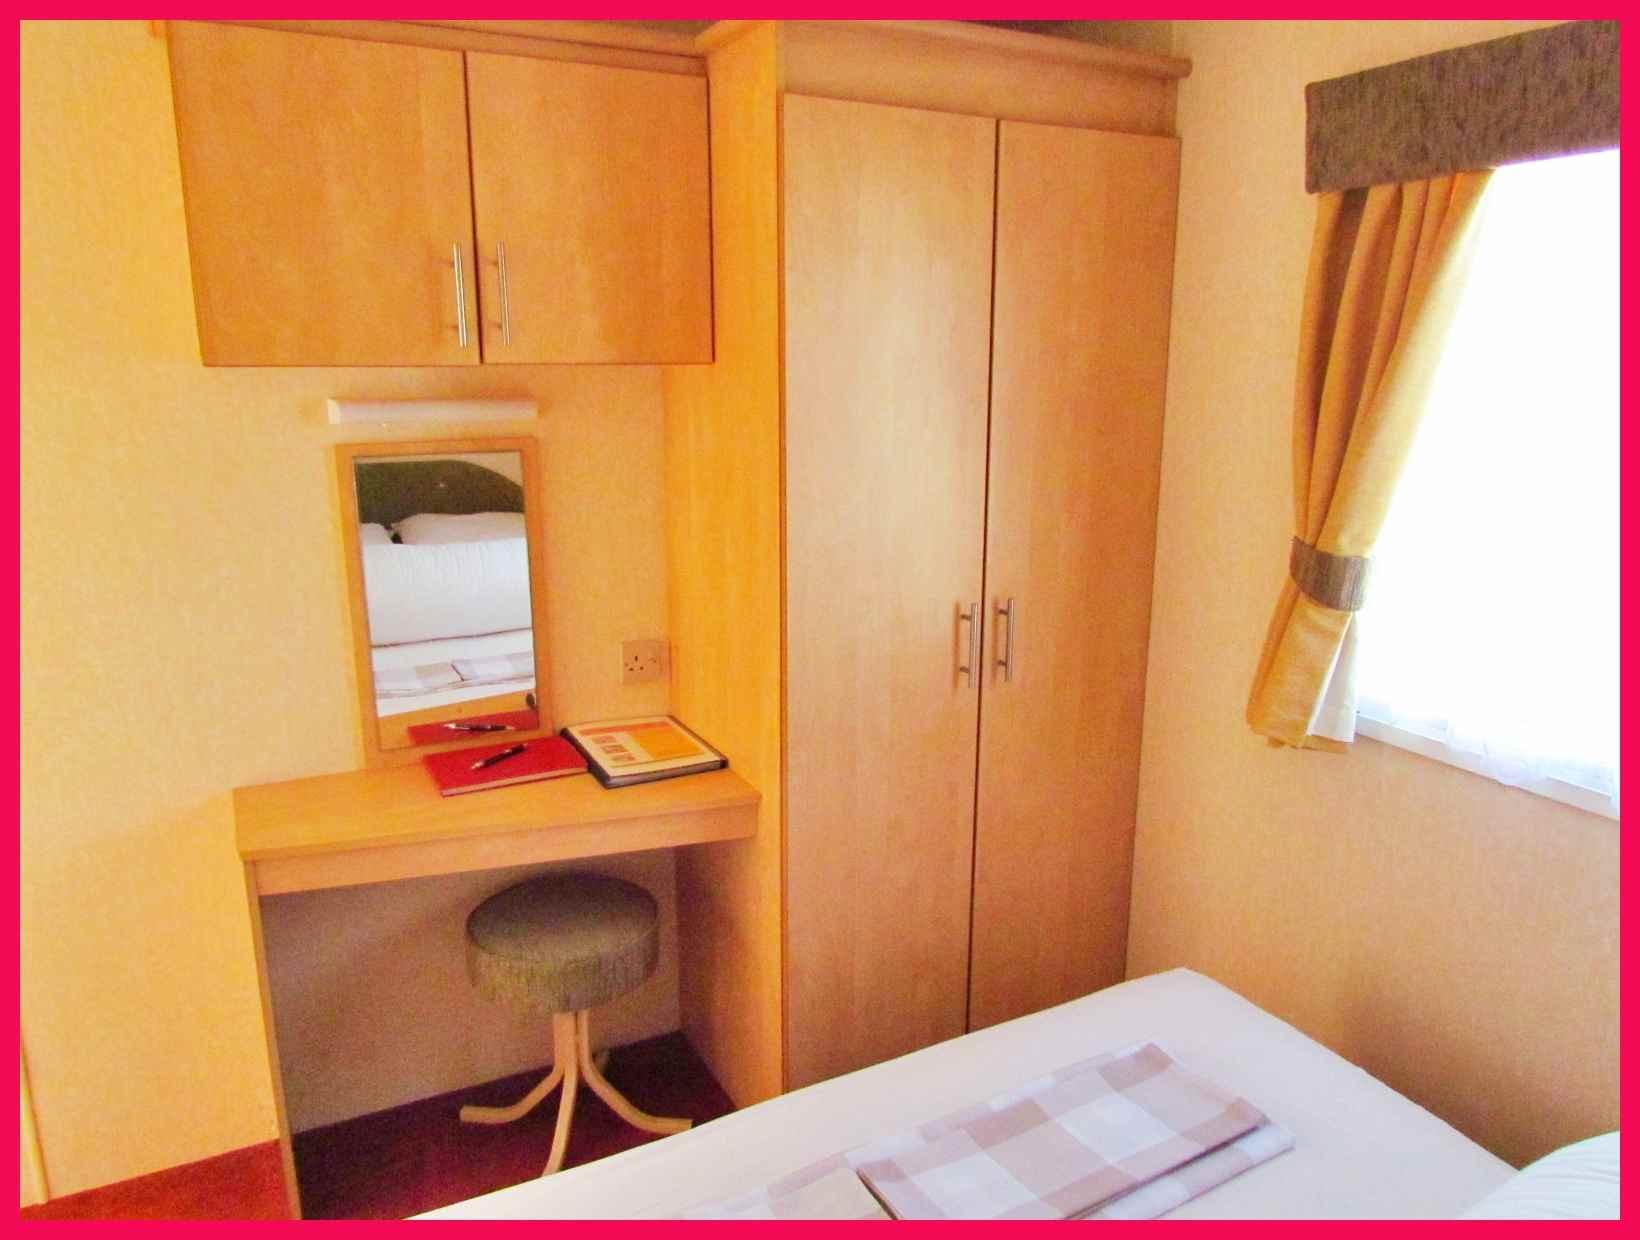 Caravan 356 - double bedroom